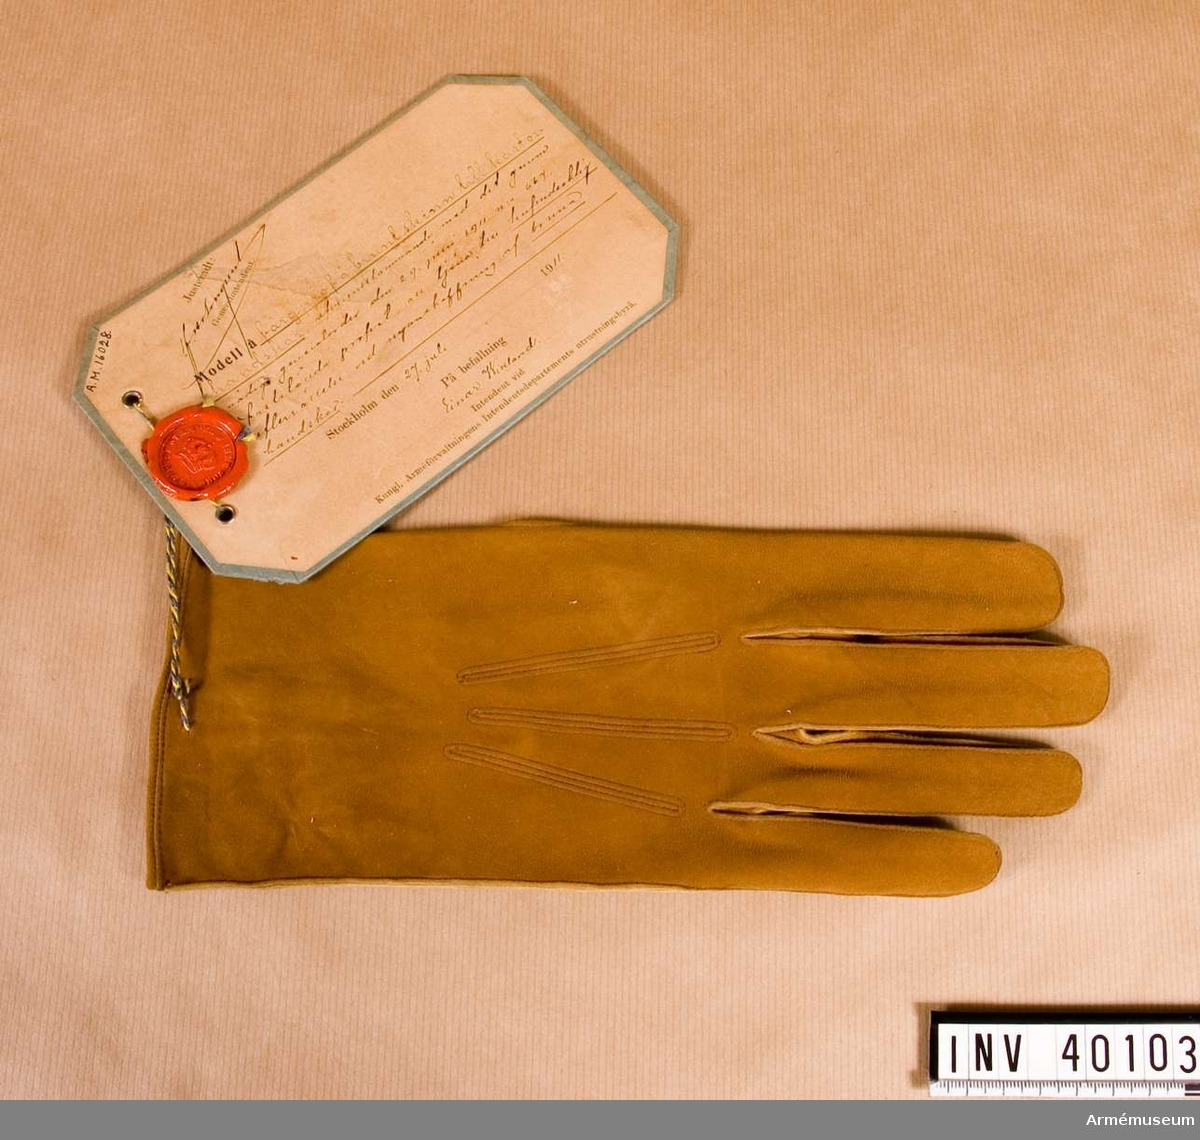 Grupp C I Färgprov m/1911 på brunt skinn till kastorshandskar att tjäna till huvudsaklig efterrättelse vid nyanskaffningen av bruna handskar. Vänsterhandske.